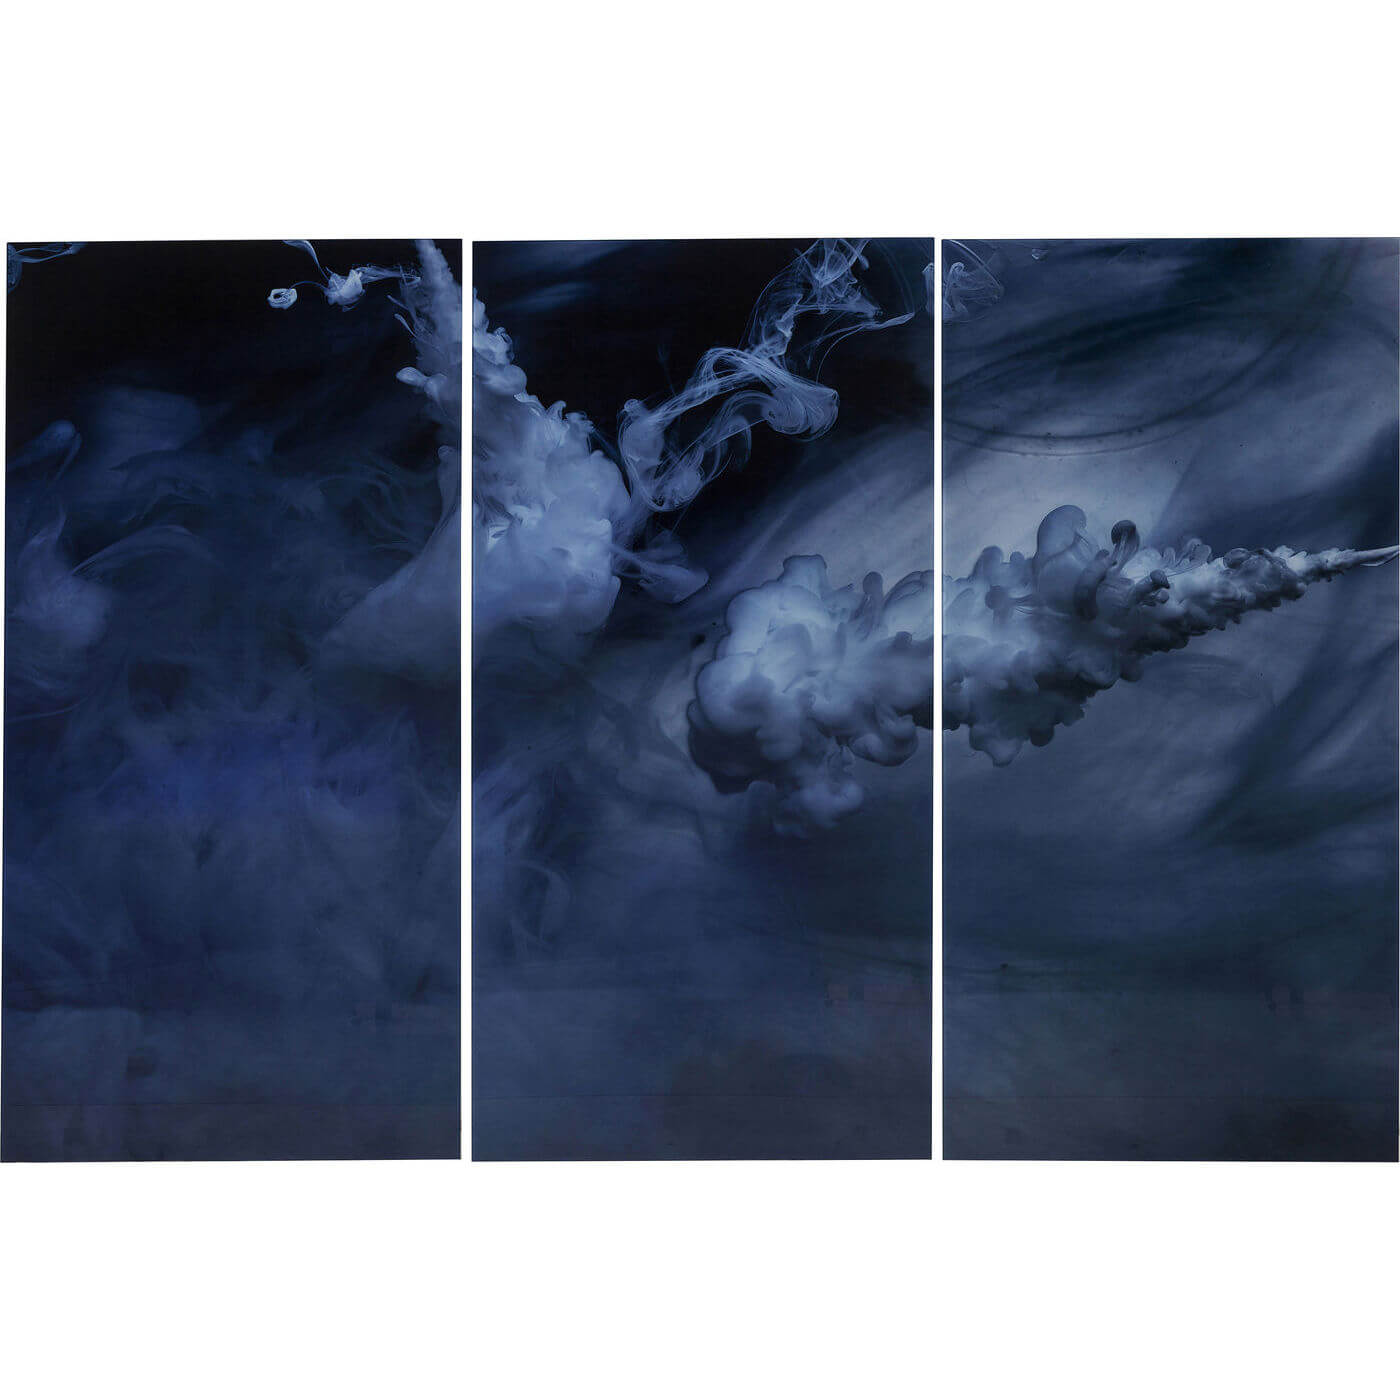 Kare design triptychon clouds plakat - hvid glas og komposittræ, (160x24cm) fra kare design på boboonline.dk